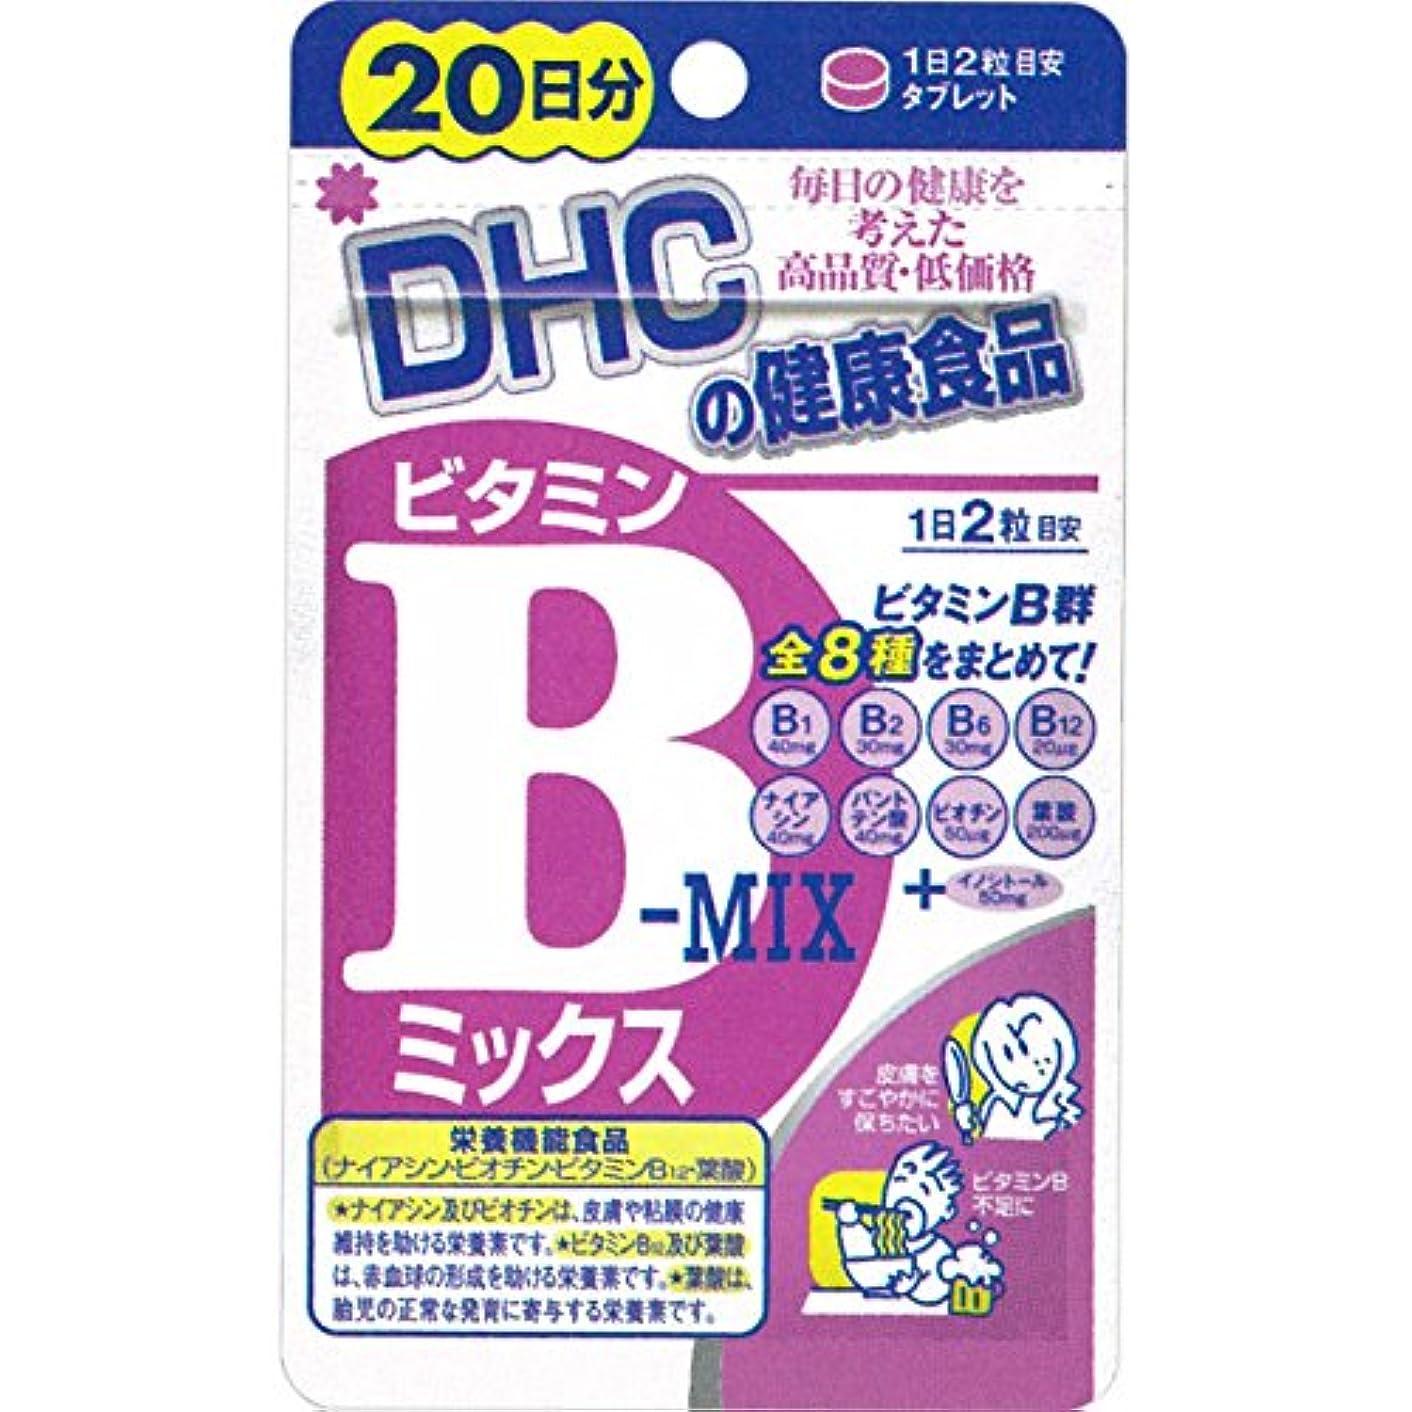 ハドル生理枕DHC(ディーエイチシー) サプリメント DHC ビタミンB MIX 20日分